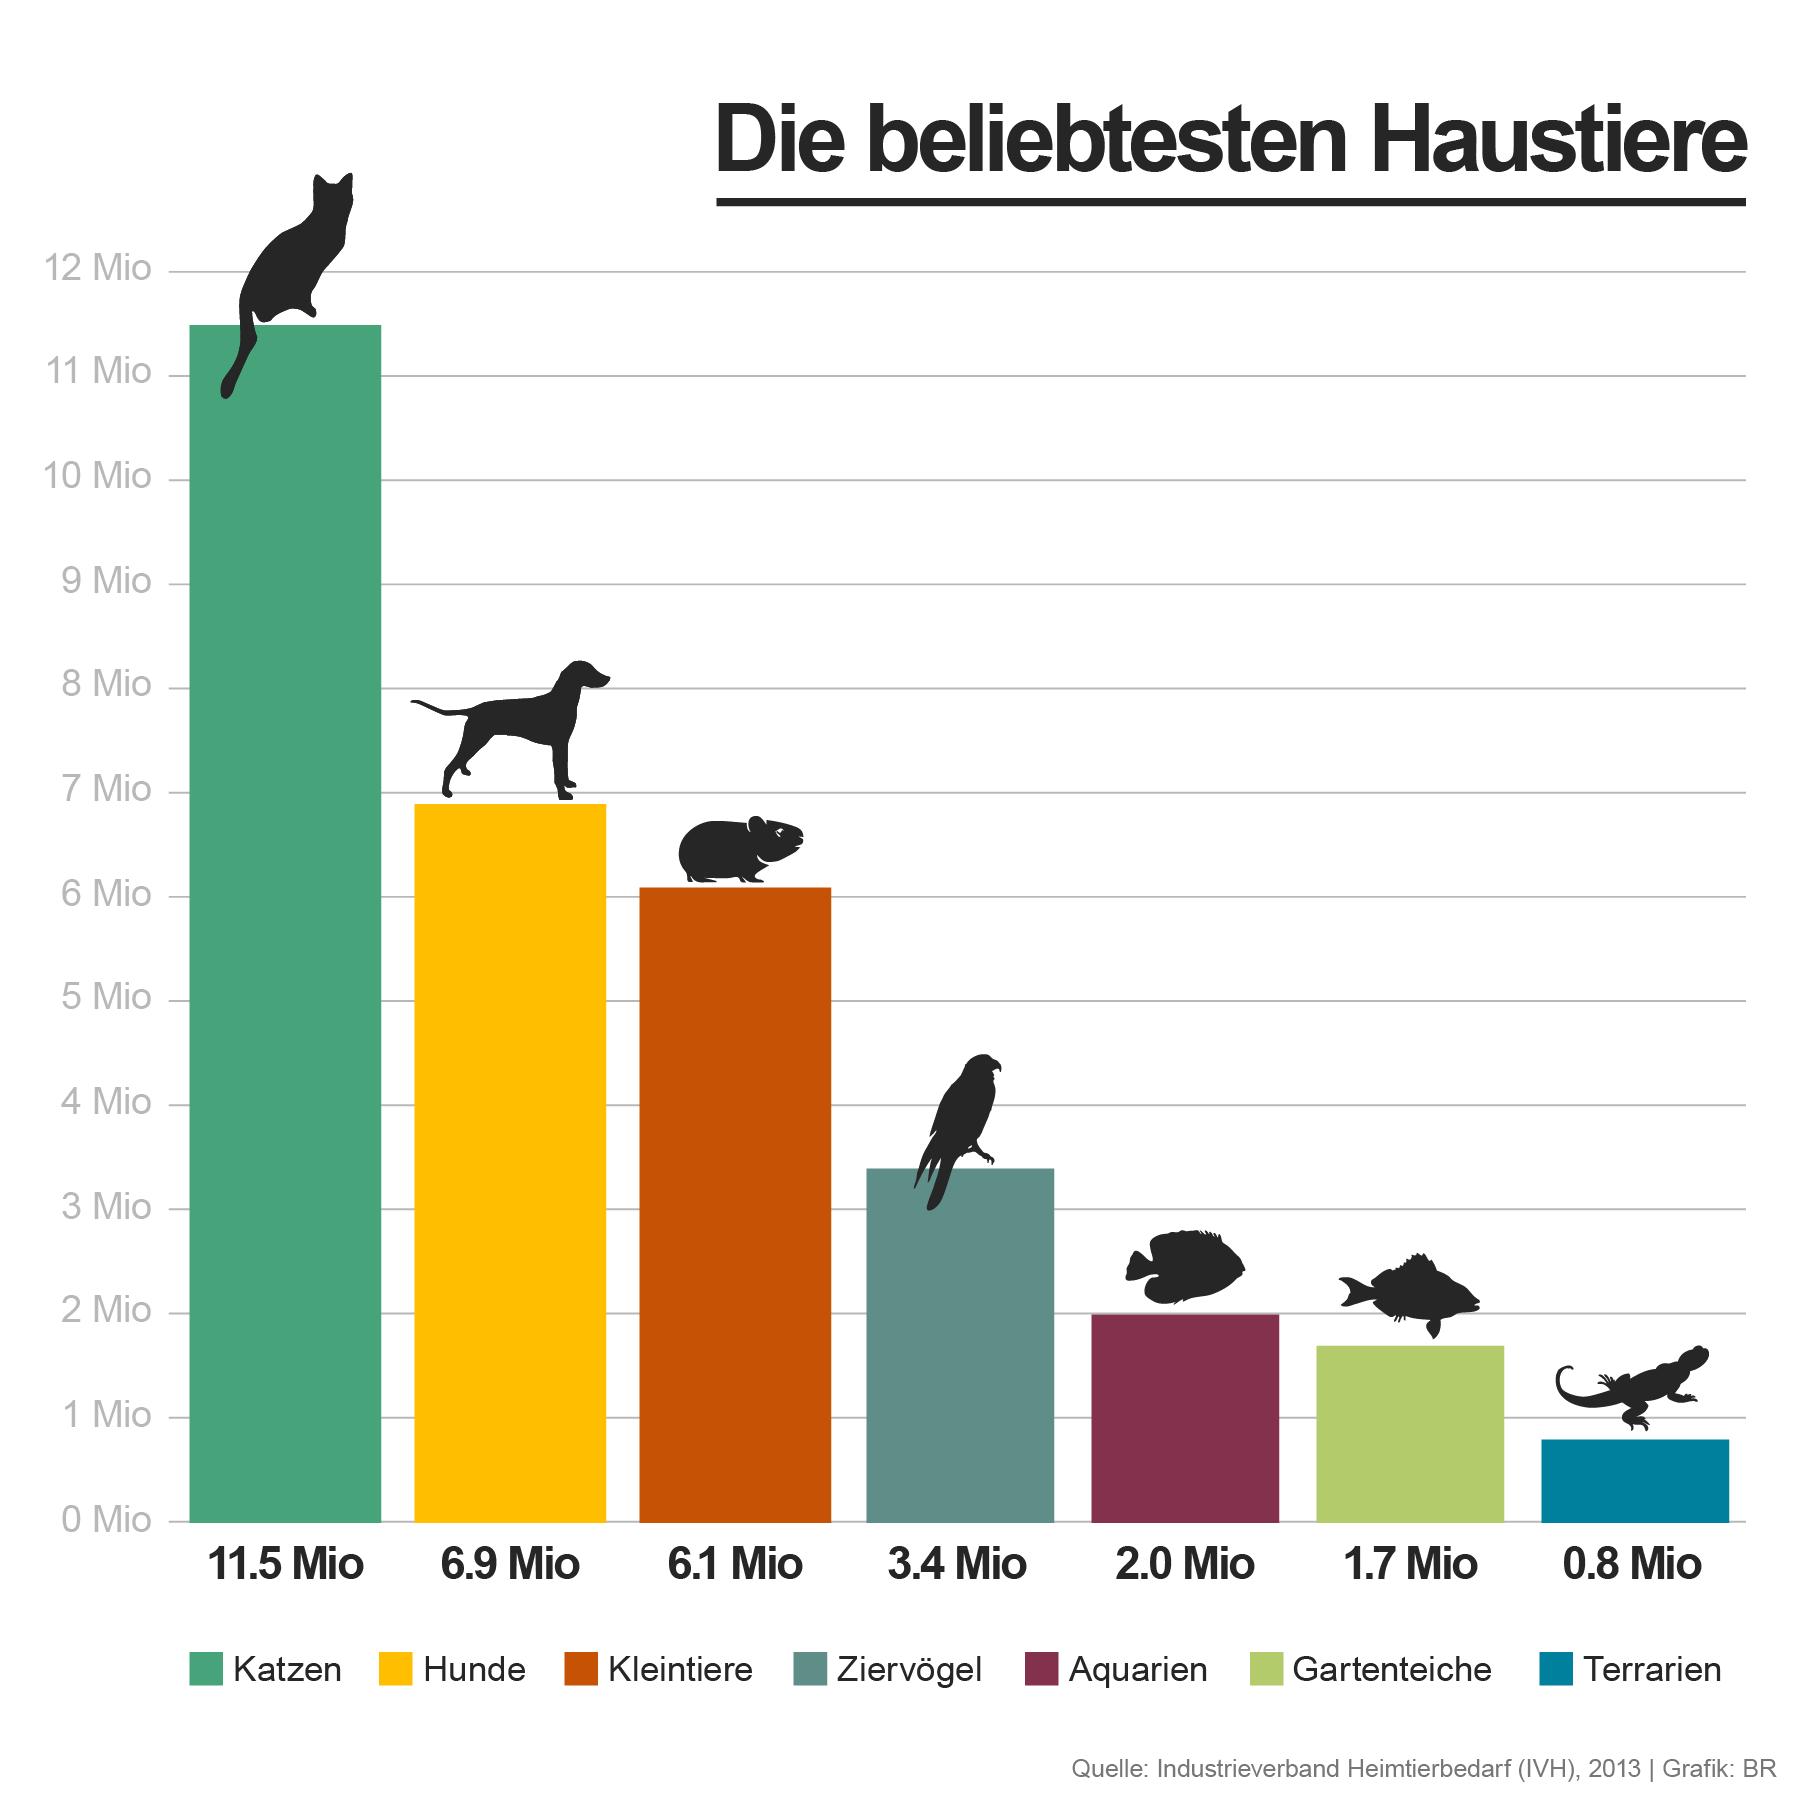 Infografik - Die beliebtesten Haustiere | Bild: BR ...